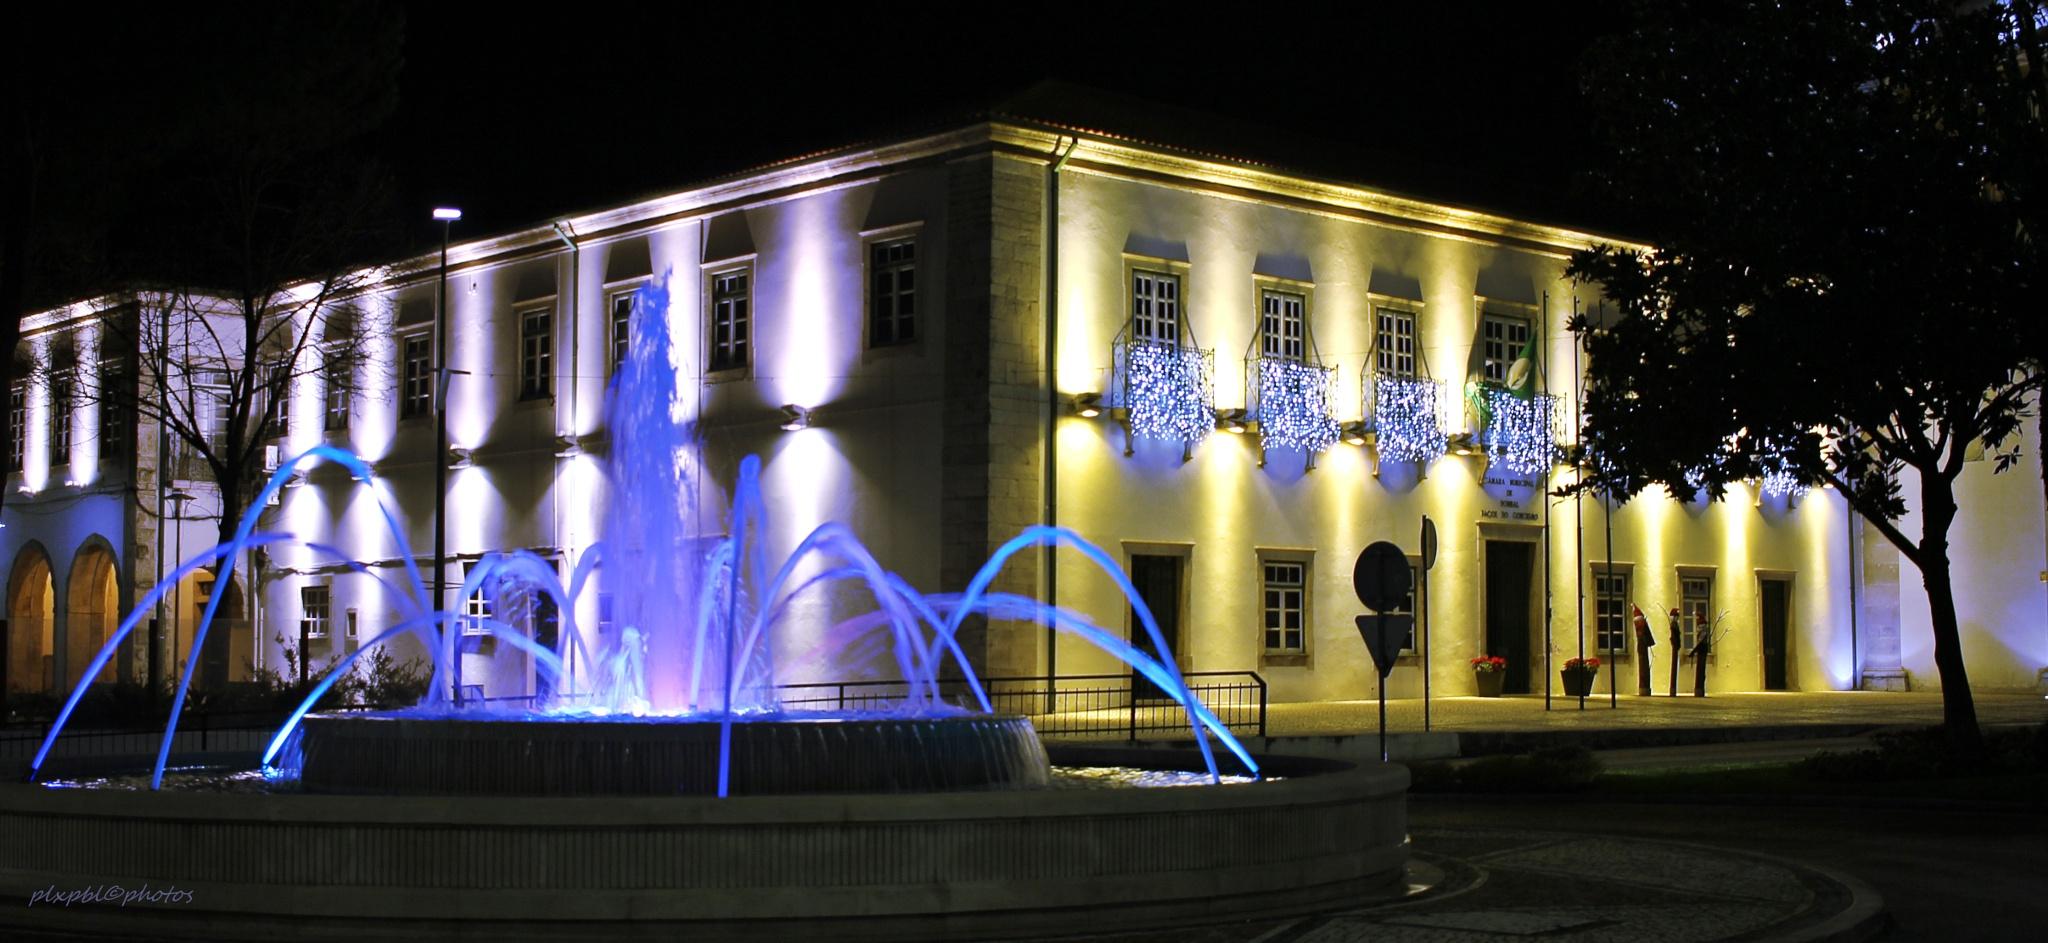 Fountain light by PauloAntunes